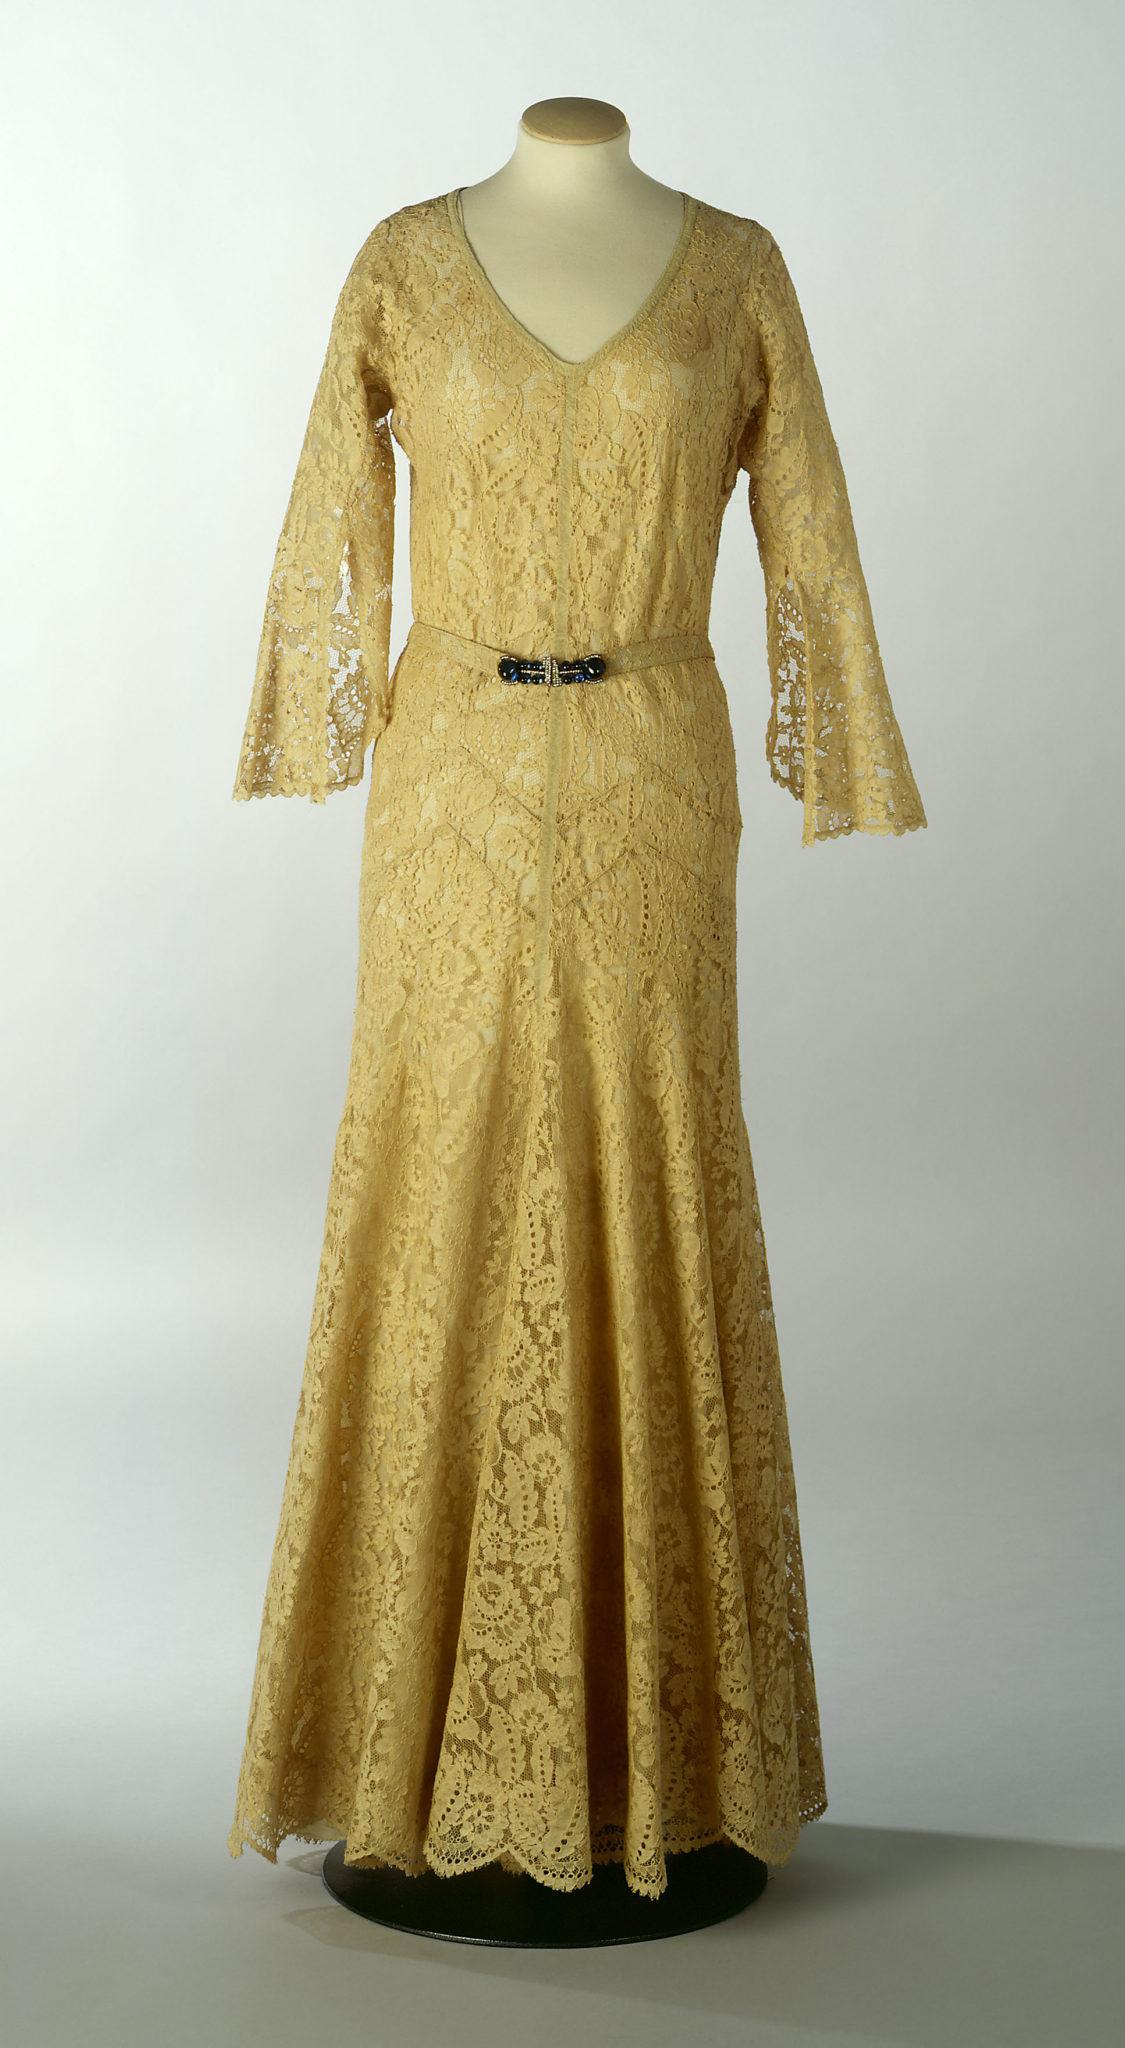 Robe du soir Chanel vers 1938 Esprit de Gabrielle espritdegabrielle.com